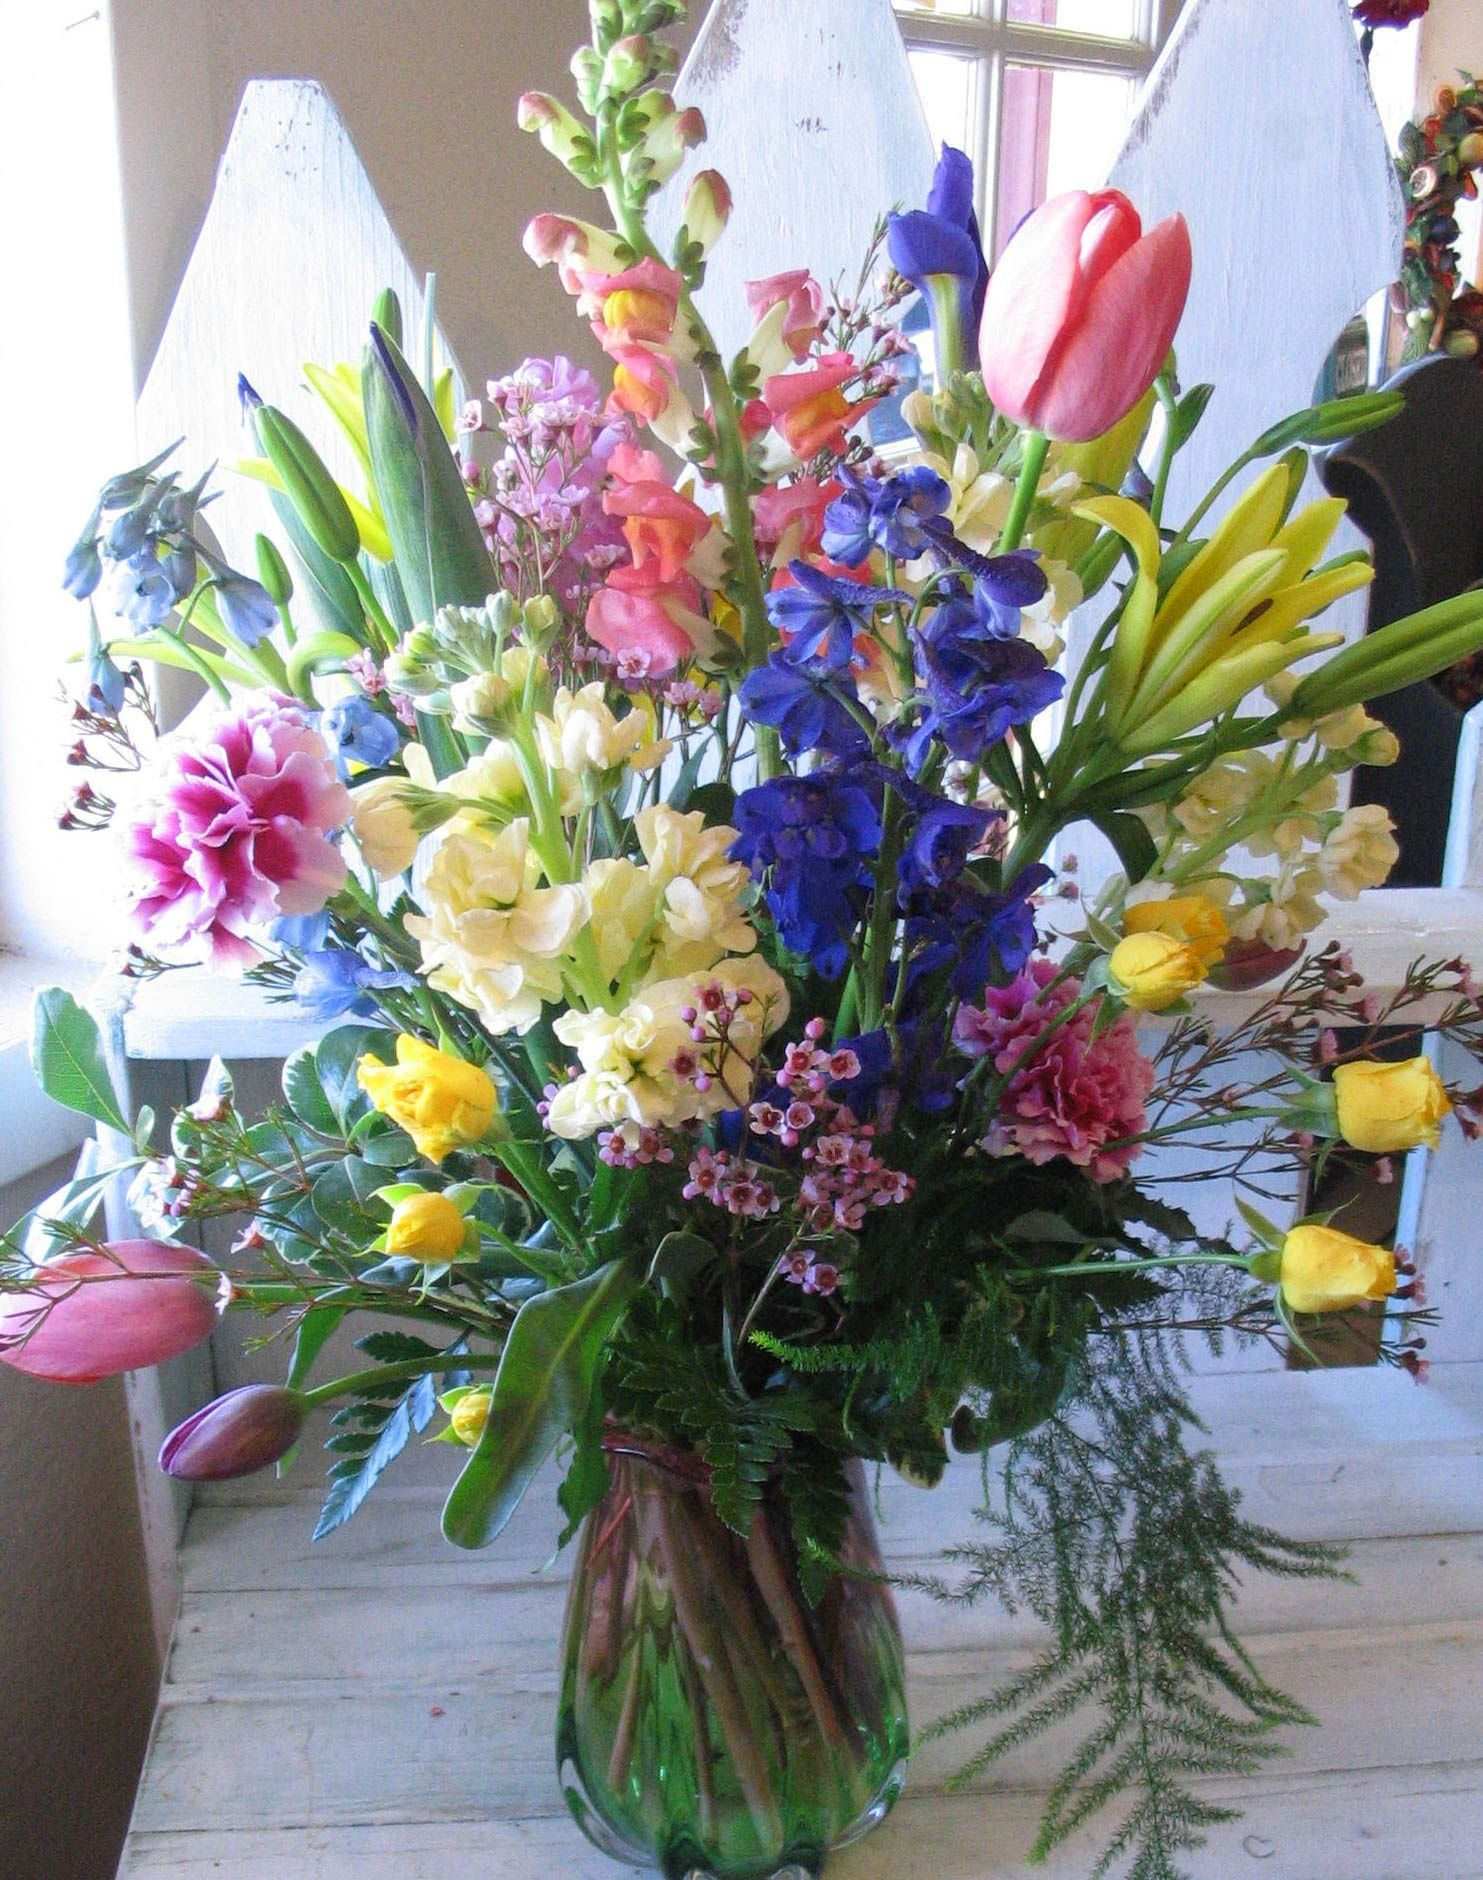 The 25+ best Large flower arrangements ideas on Pinterest ... |Large Spring Floral Arrangements